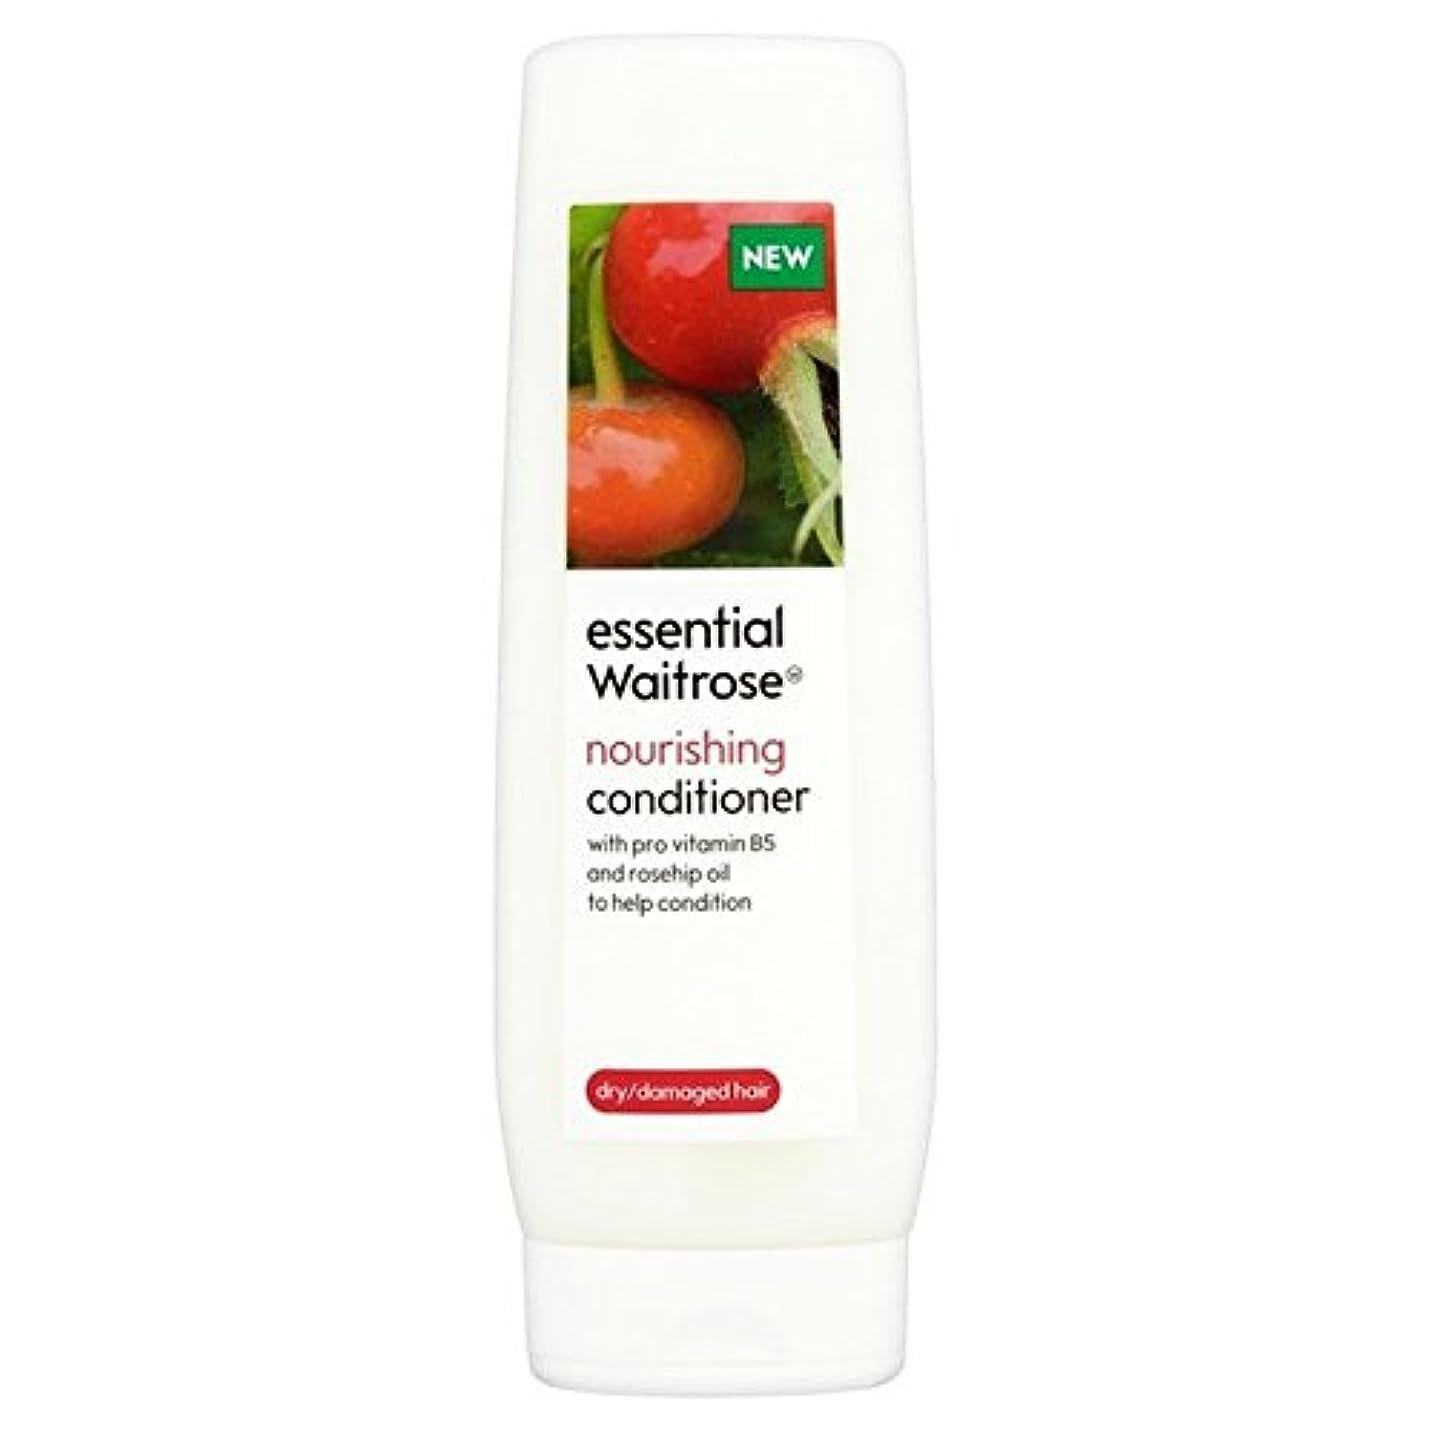 食事を調理するマングル前提Conditioner for Dry & Damaged Hair essential Waitrose 300ml (Pack of 6) - ドライ&ダメージヘア不可欠ウェイトローズの300ミリリットルのためのコンディショナー x6 [並行輸入品]